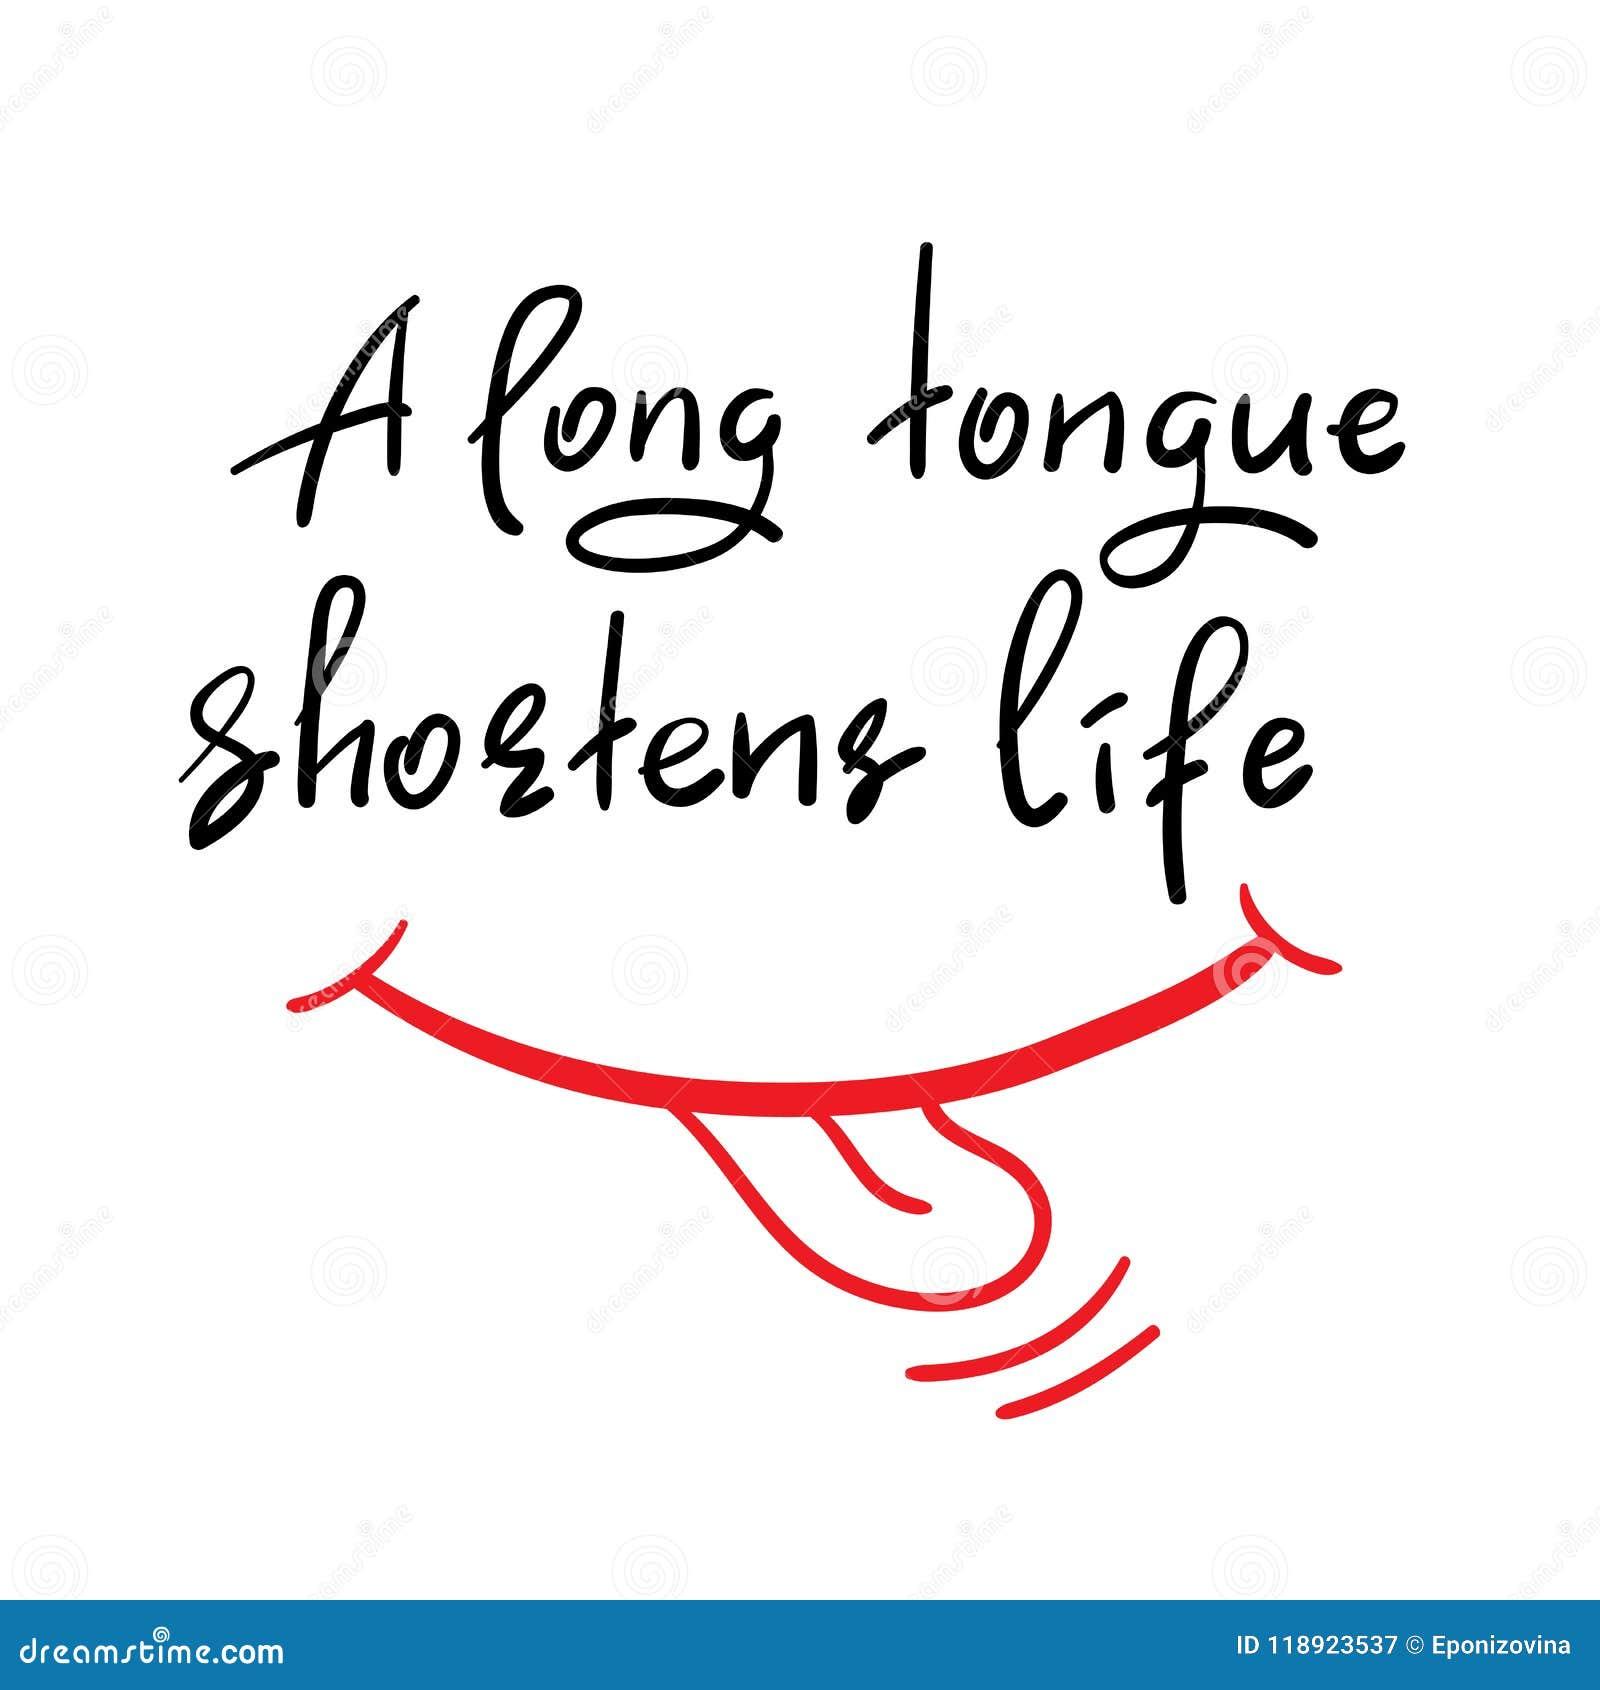 A Long Tongue Shortens Life - Handwritten Funny Motivational ...